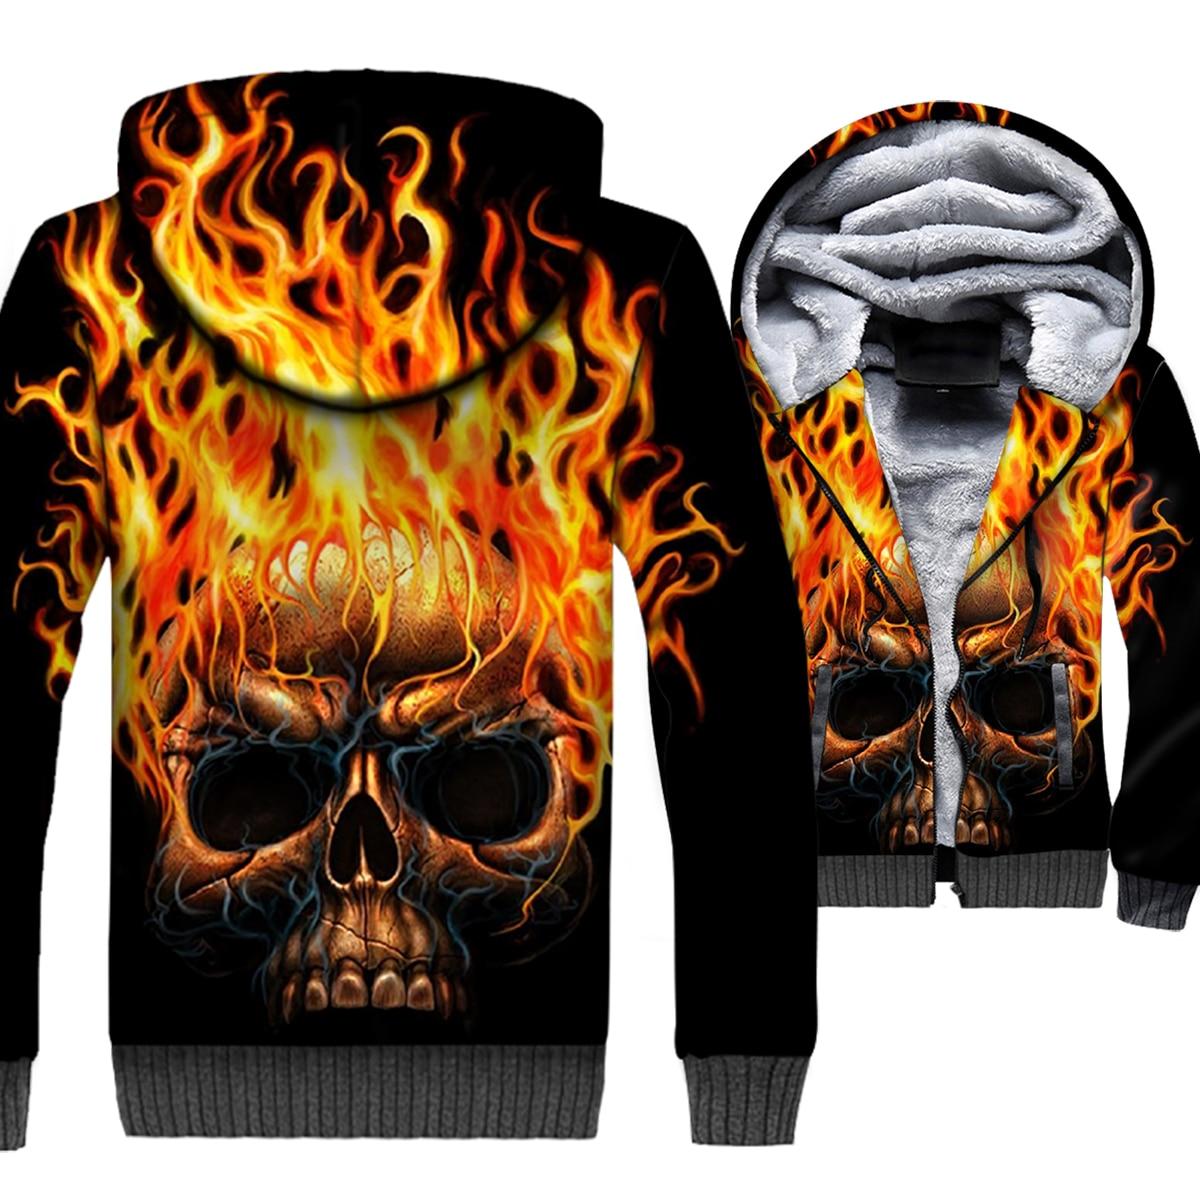 Пламя Череп 3D печати балахон Для мужчин хип-хоп Прохладный Толстовка с капюшоном зимние толстые теплые флисовые на молнии пальто куртка Гот...